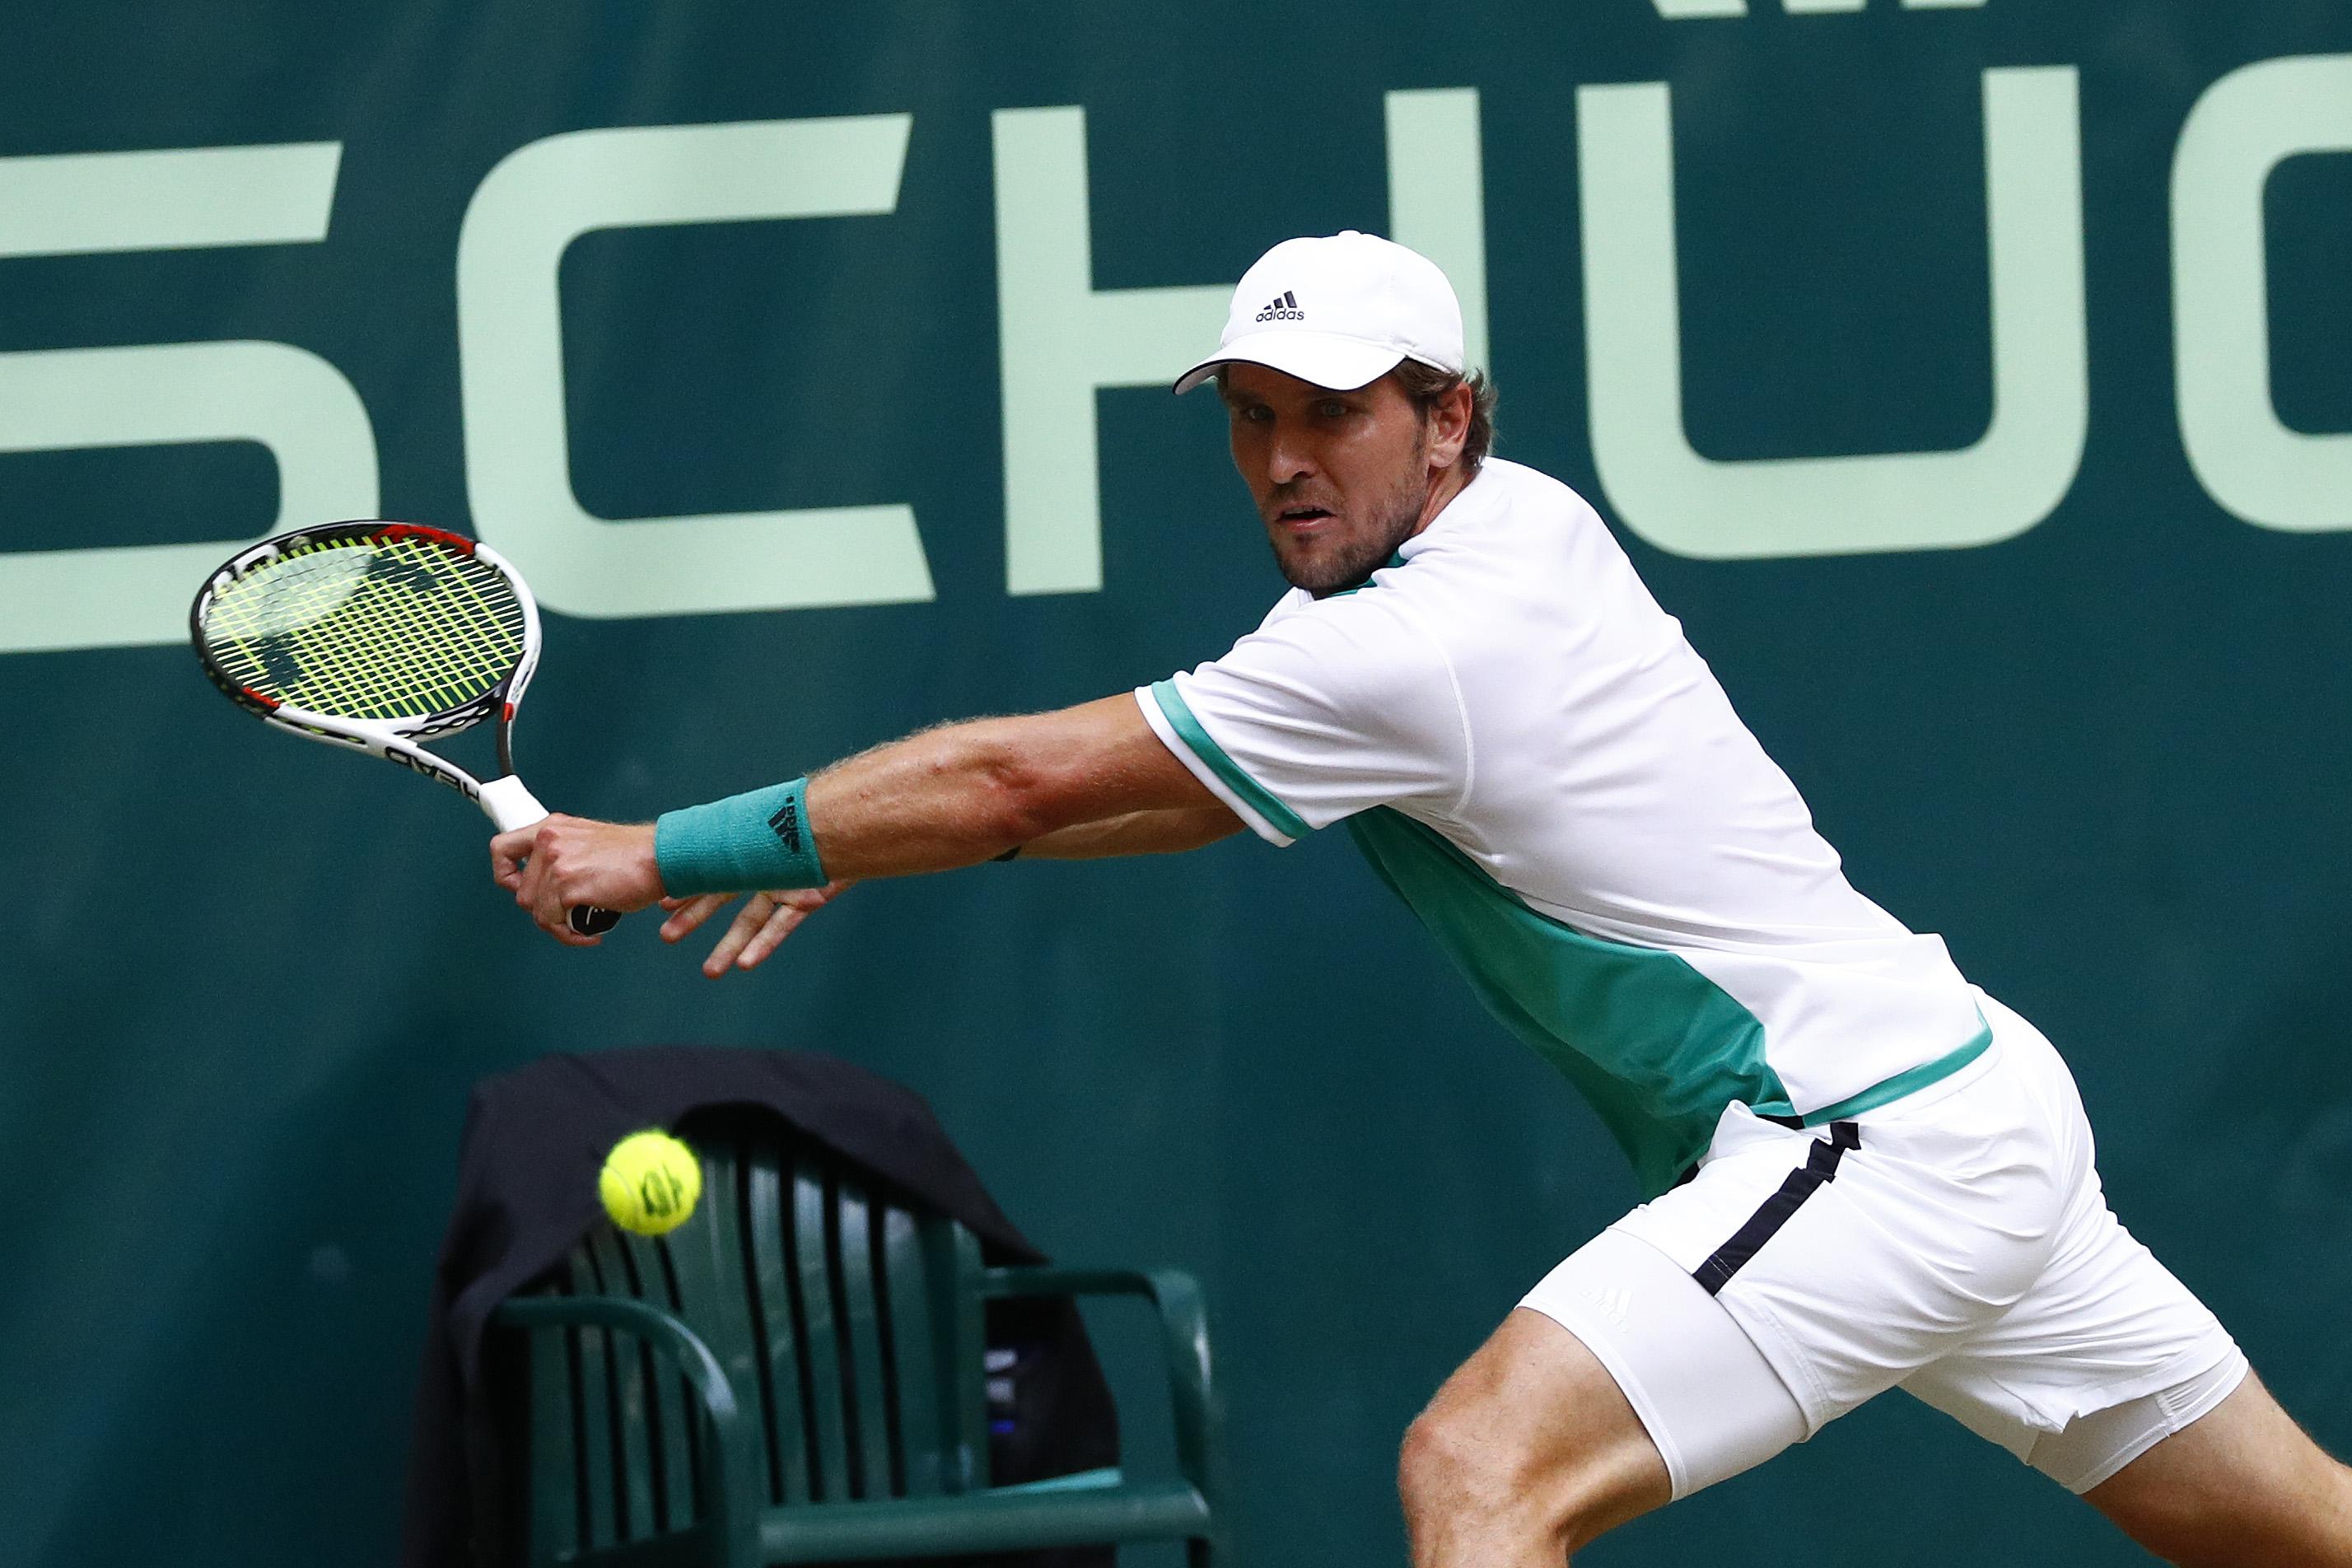 Das beste Wimbledon-Ergebnis von Mischa Zverev war bisher der Einzug in die dritte Runde 2008. Damals verlor er gegen Stan Wawrinka.